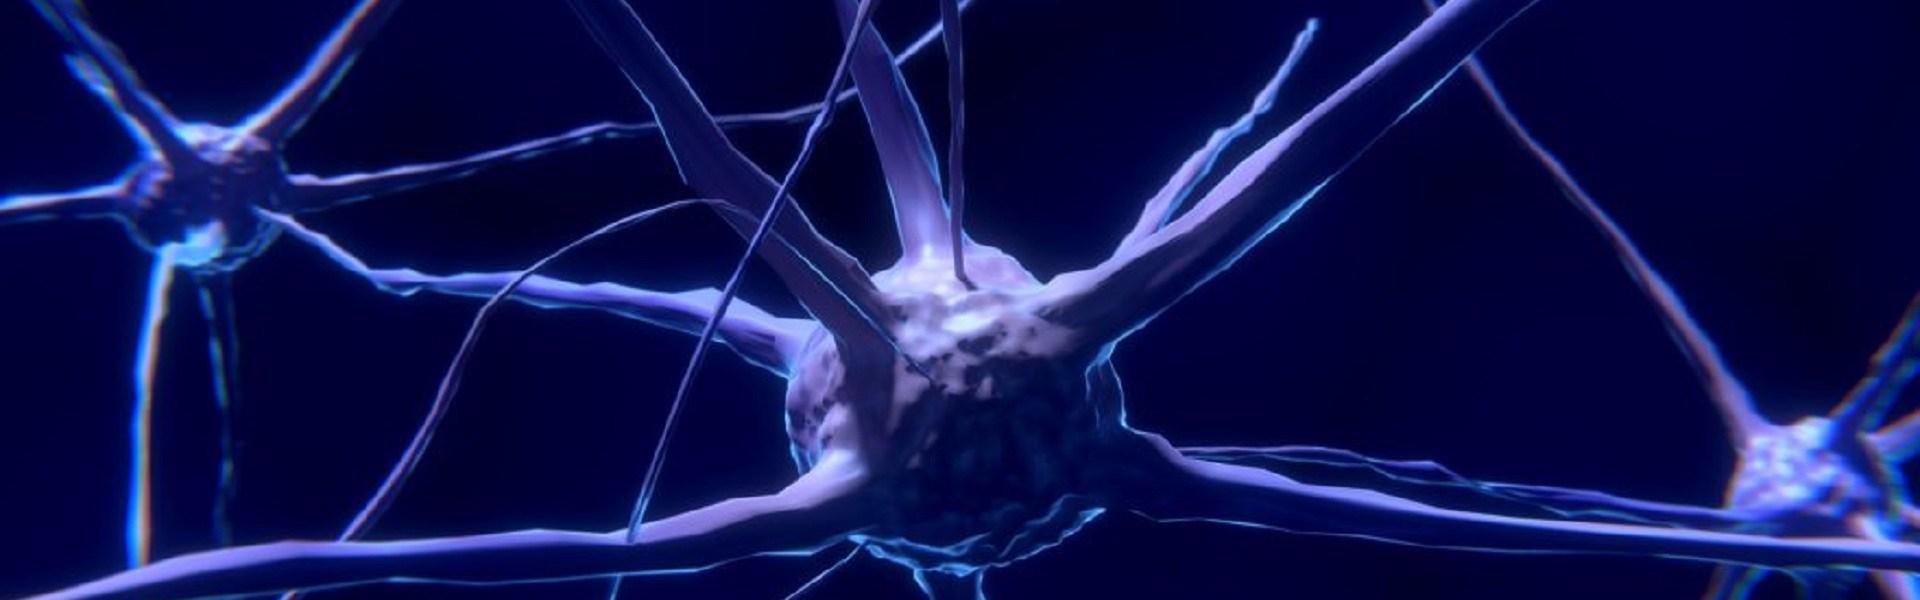 L'immagine mostra vari neuroni